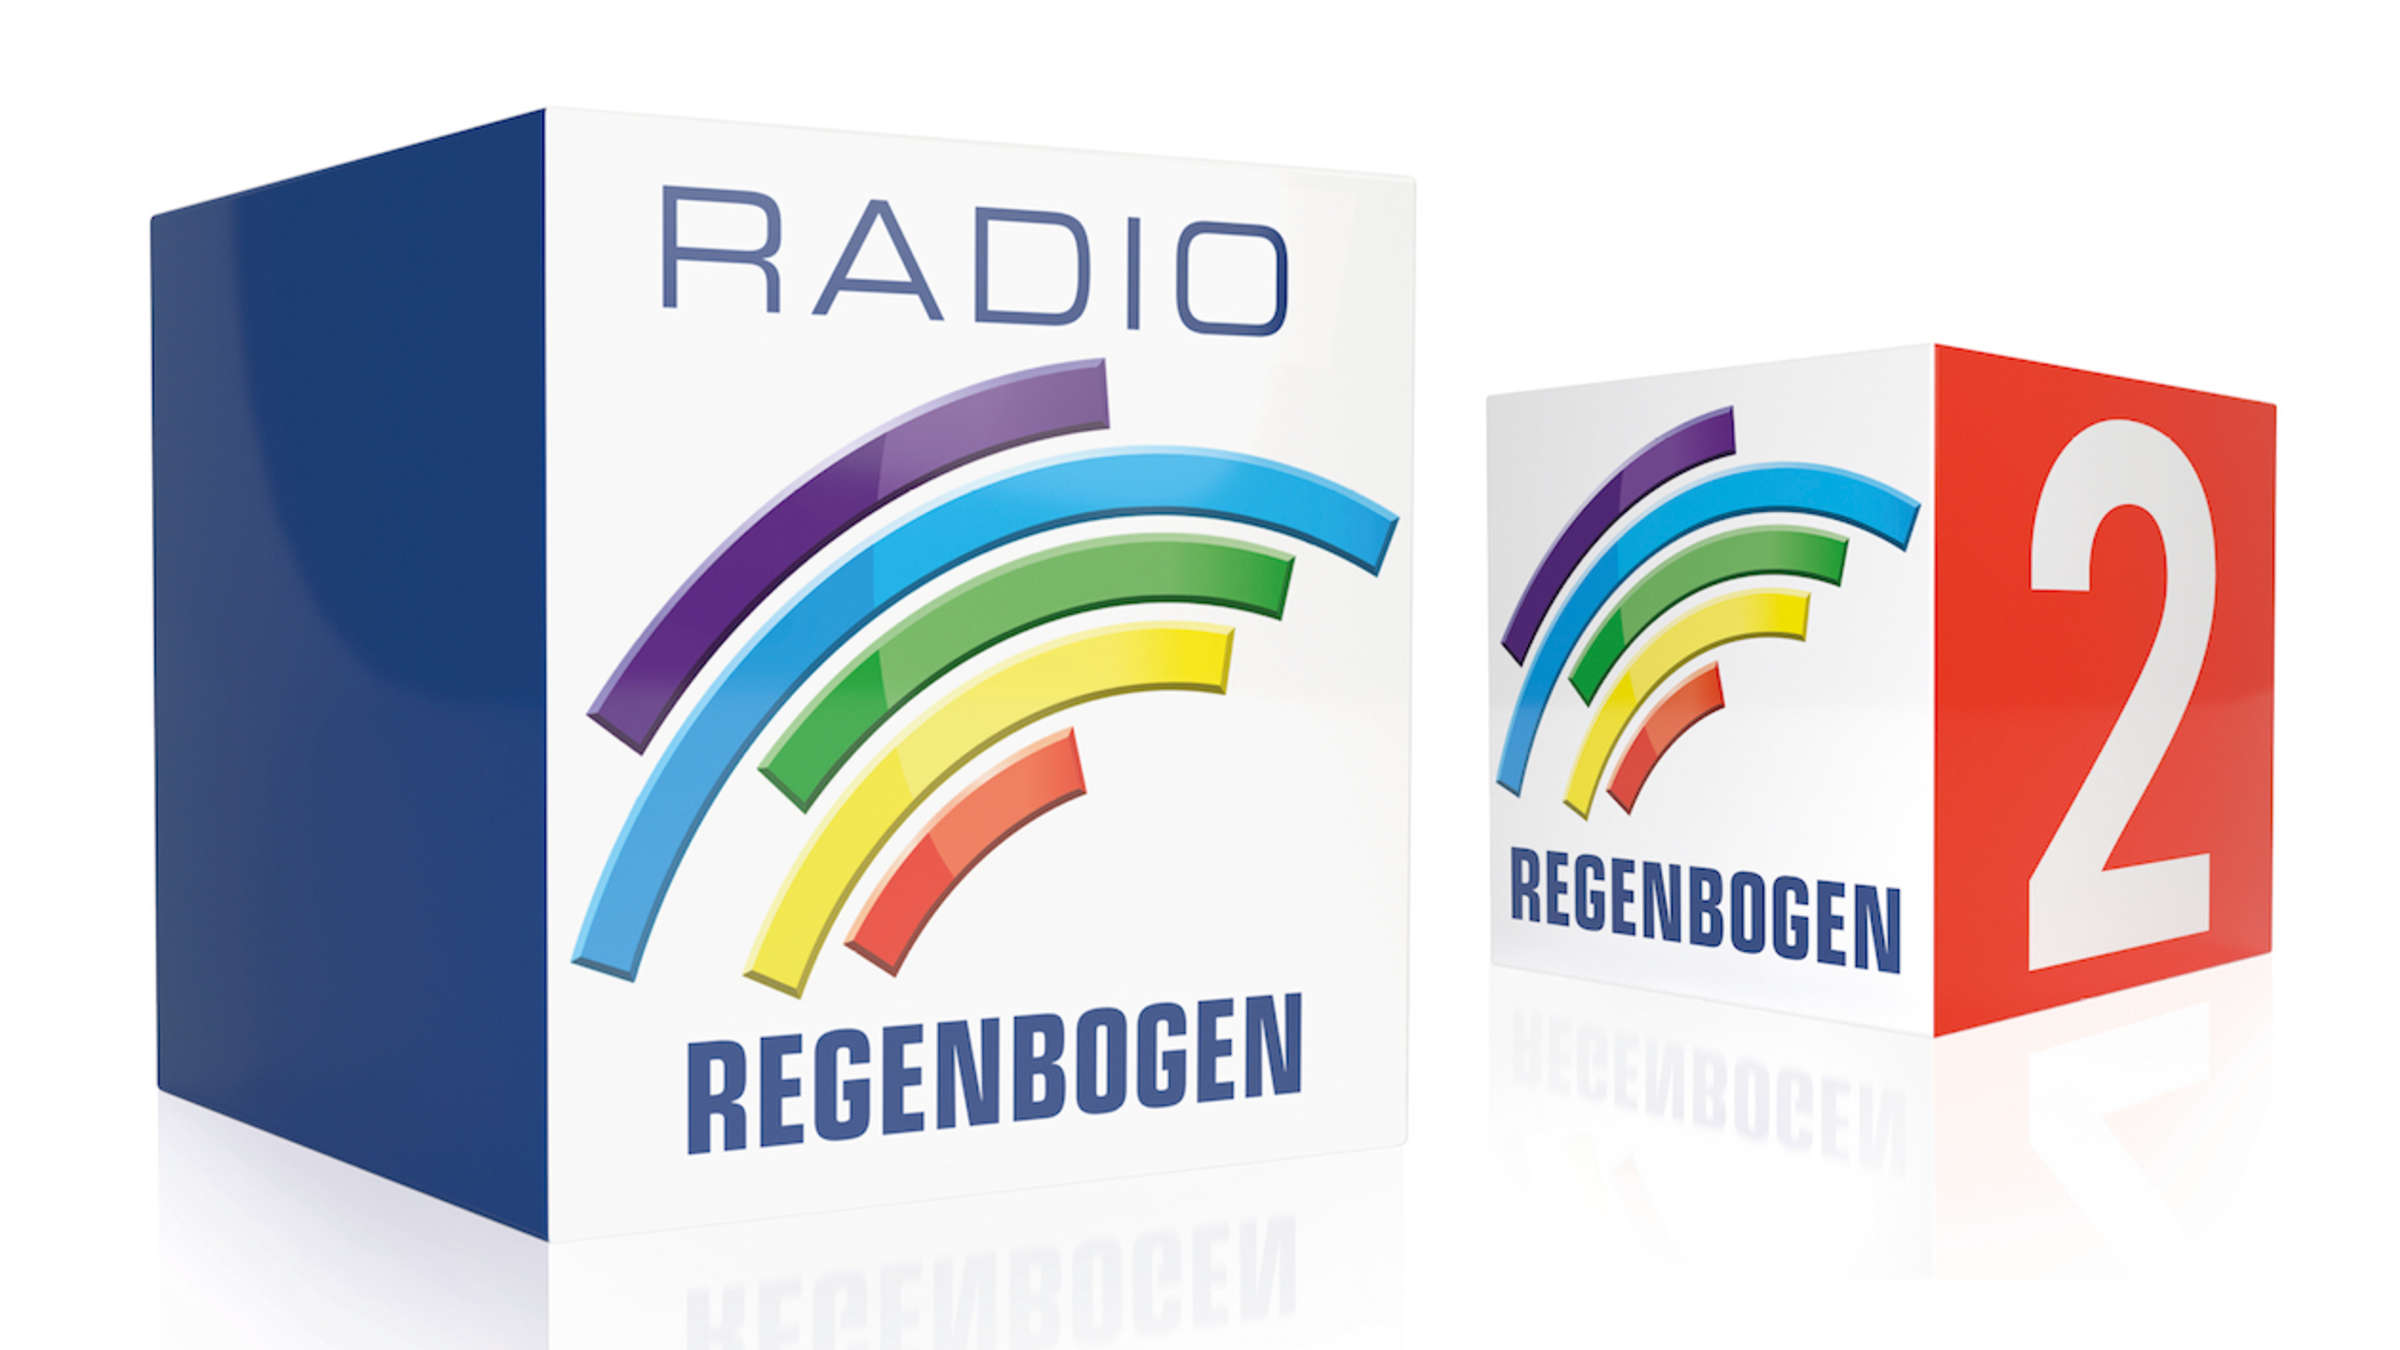 regenbogen 2 frequenz mannheim